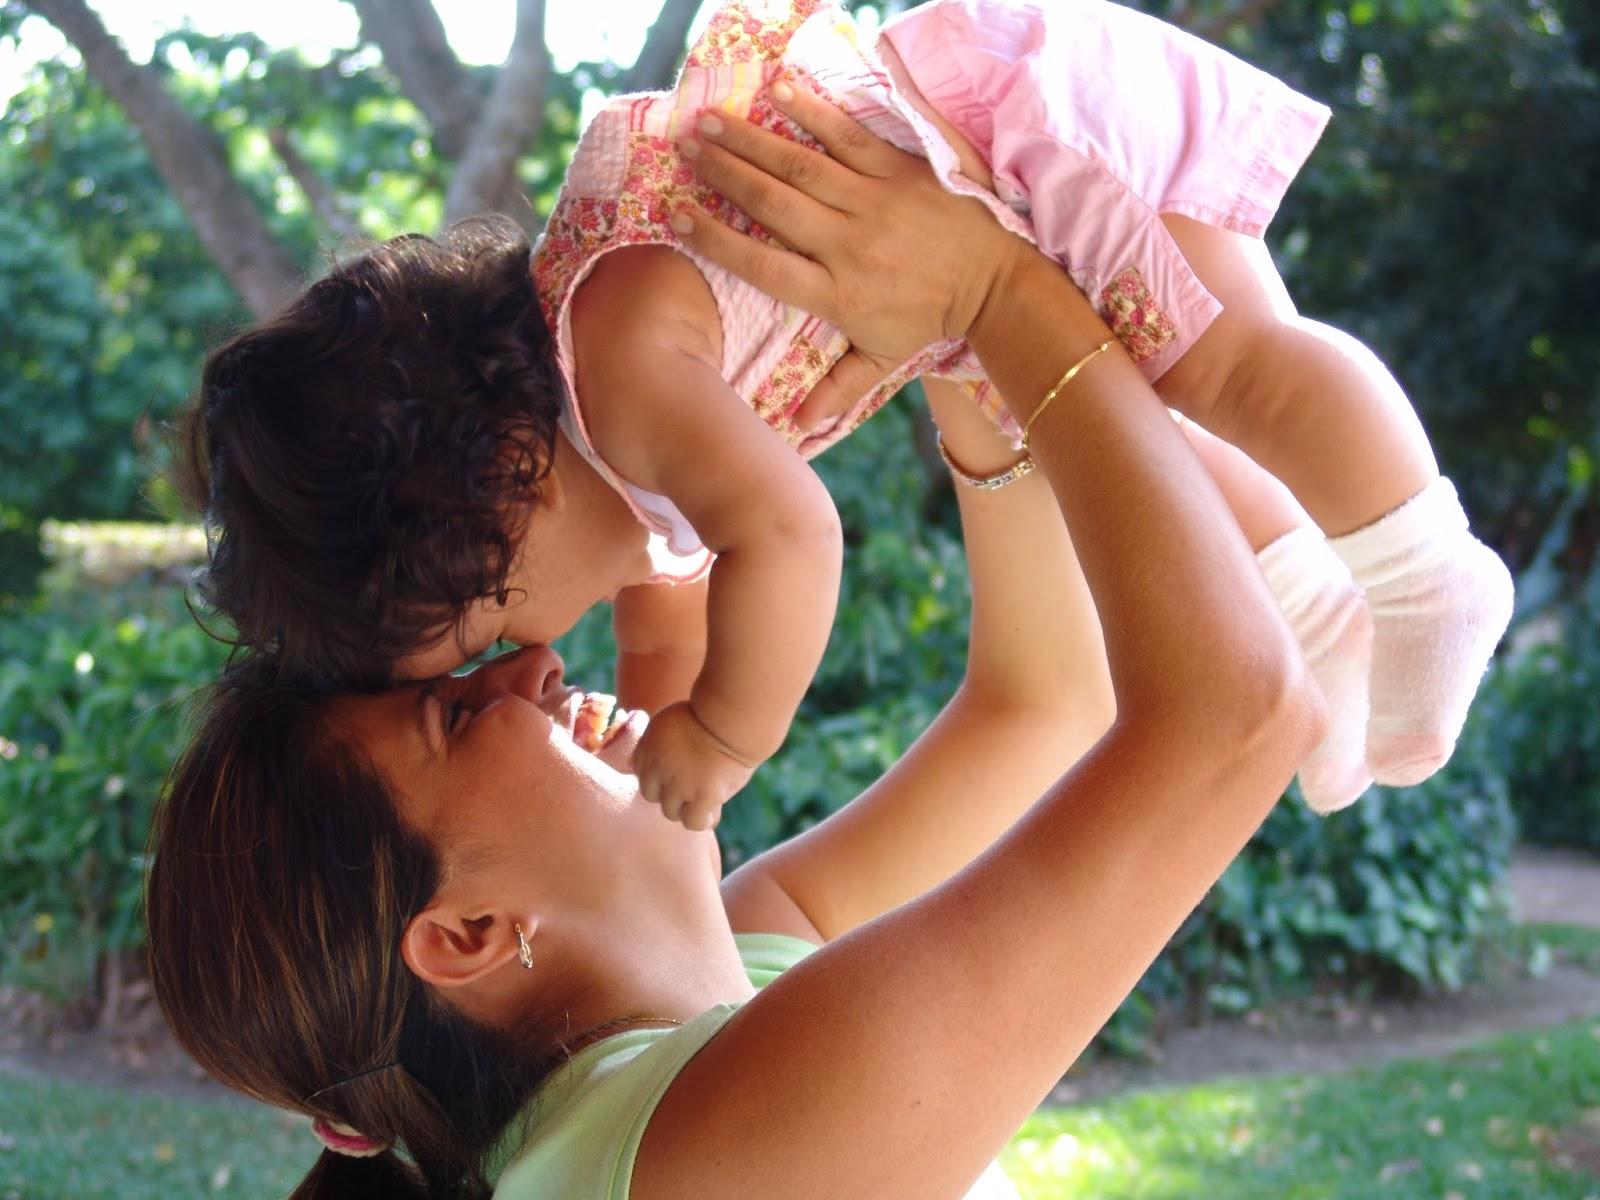 Importancia de la alimentación de la madre durante la lactancia materna. En la foto se ve a una madre jugando con su hija, en edad de darle de mamar todavía.